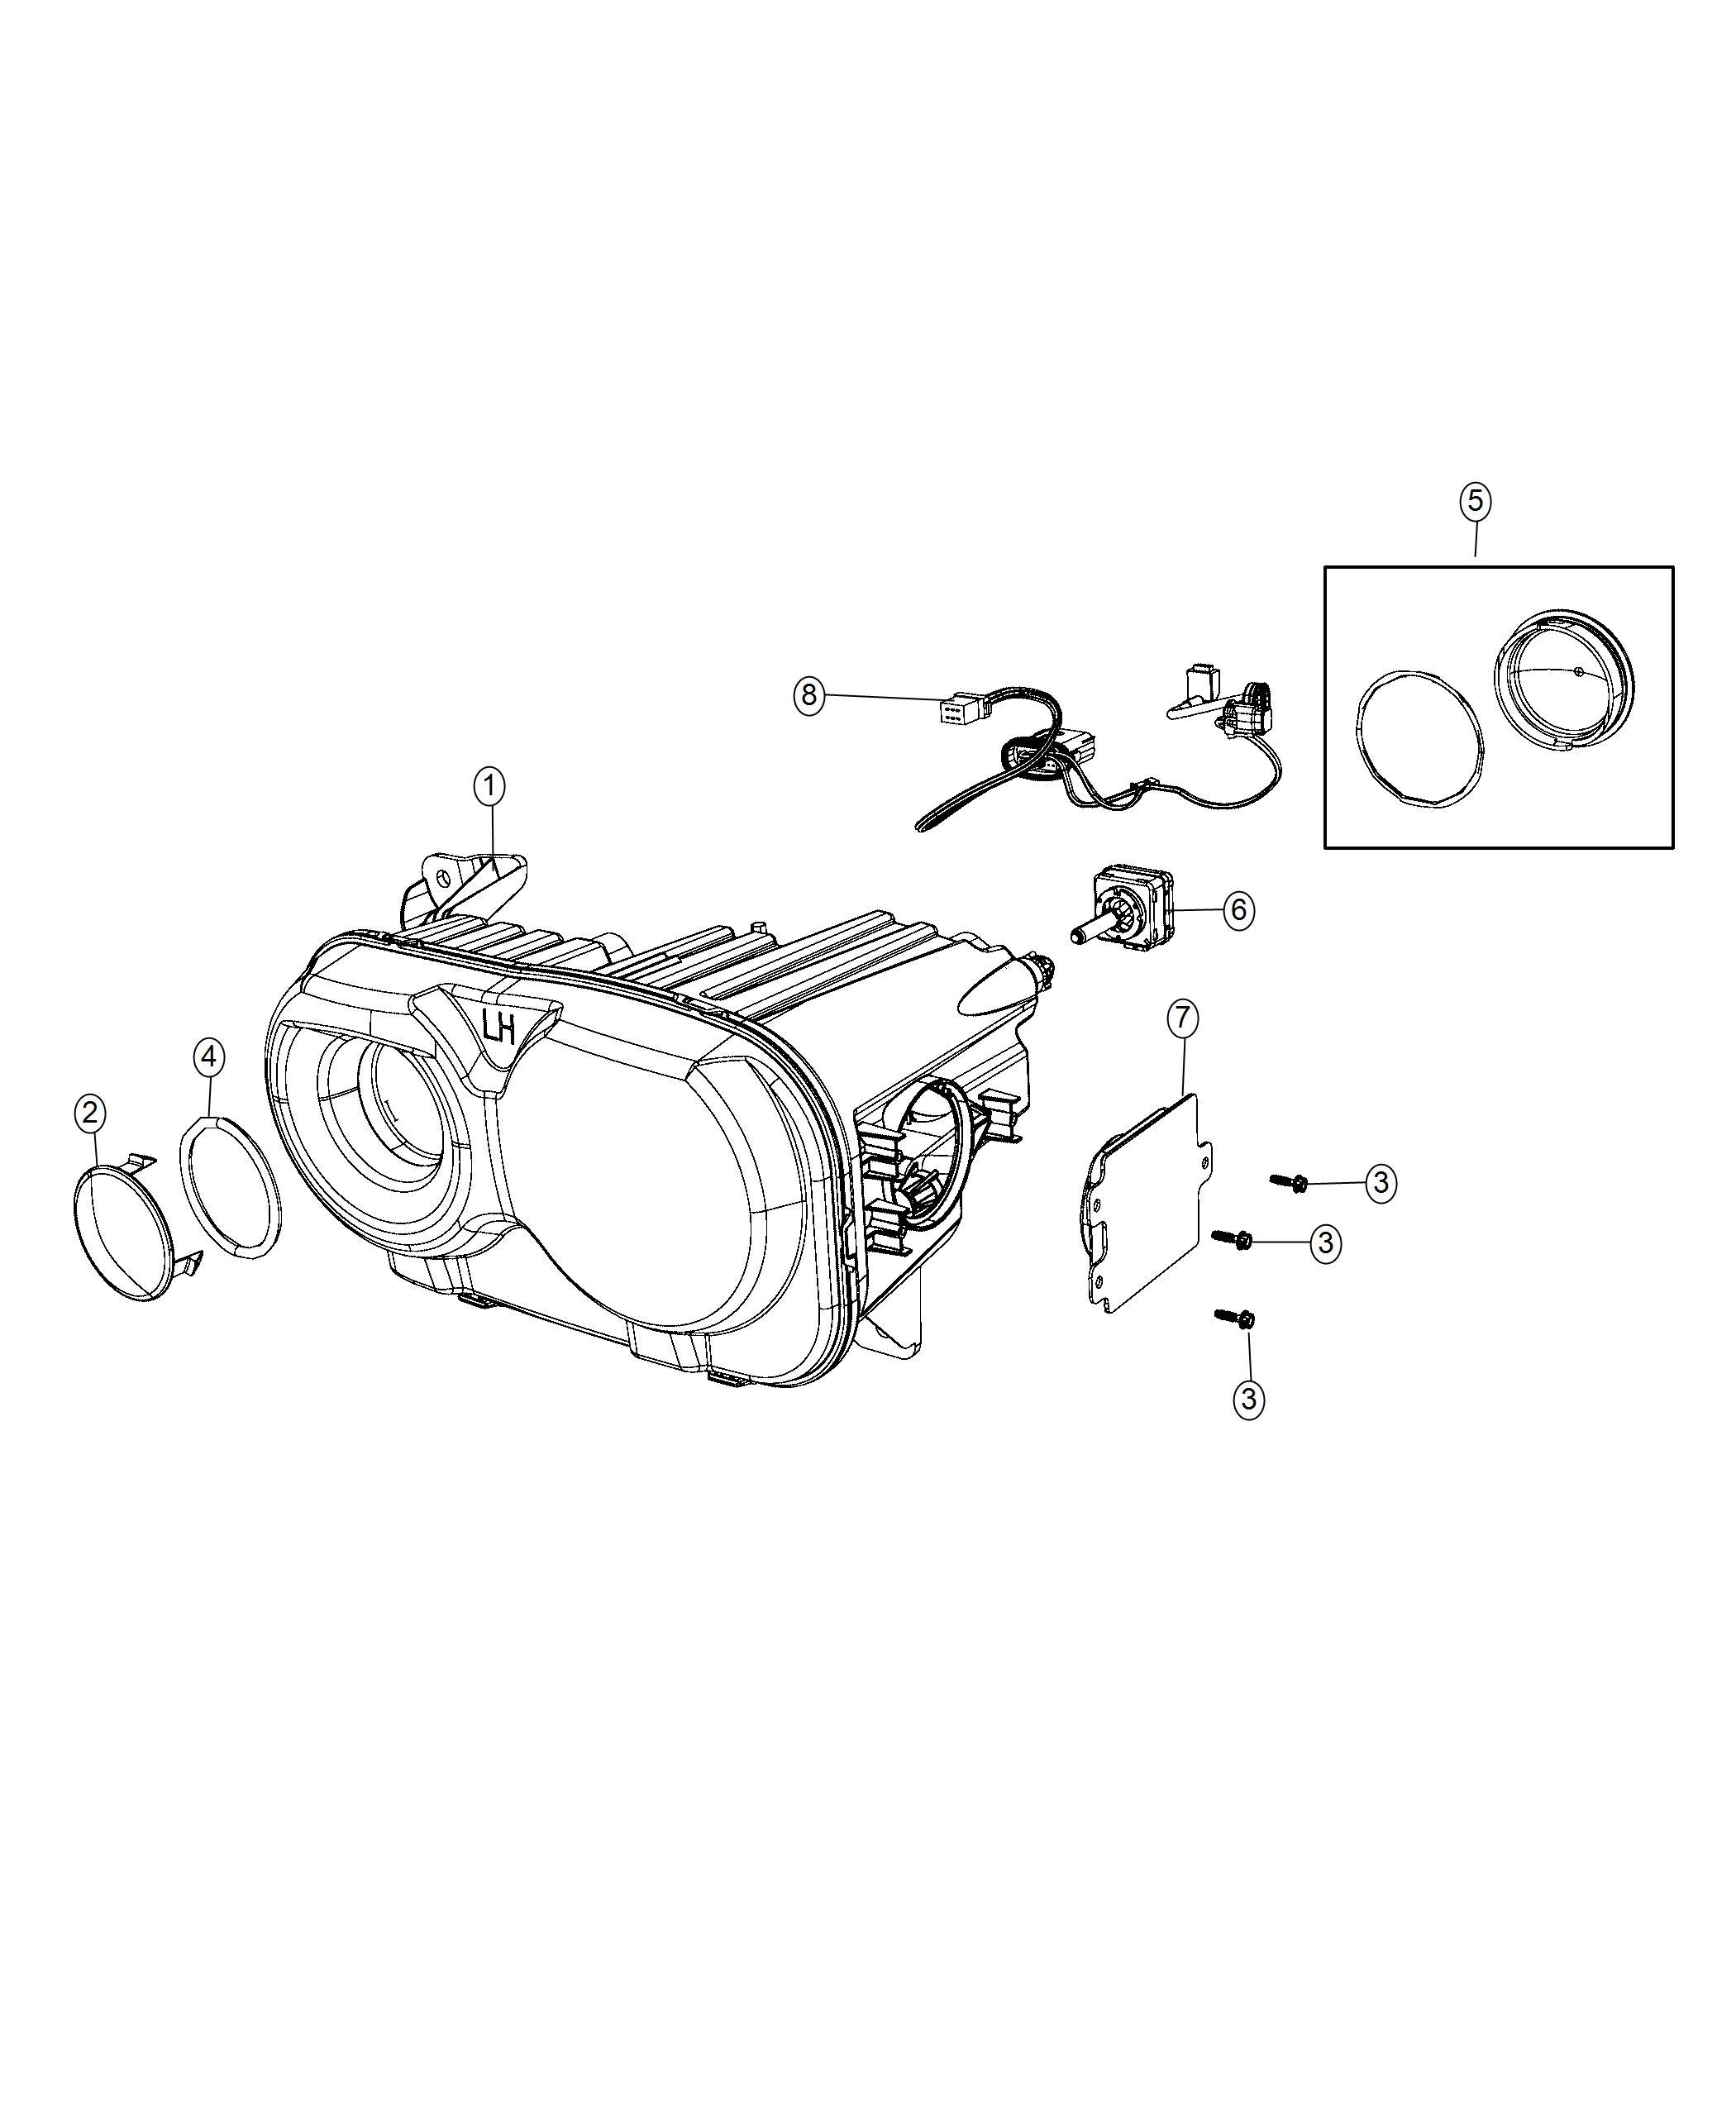 Dodge Challenger Headlamp Left High Intensity Discharge